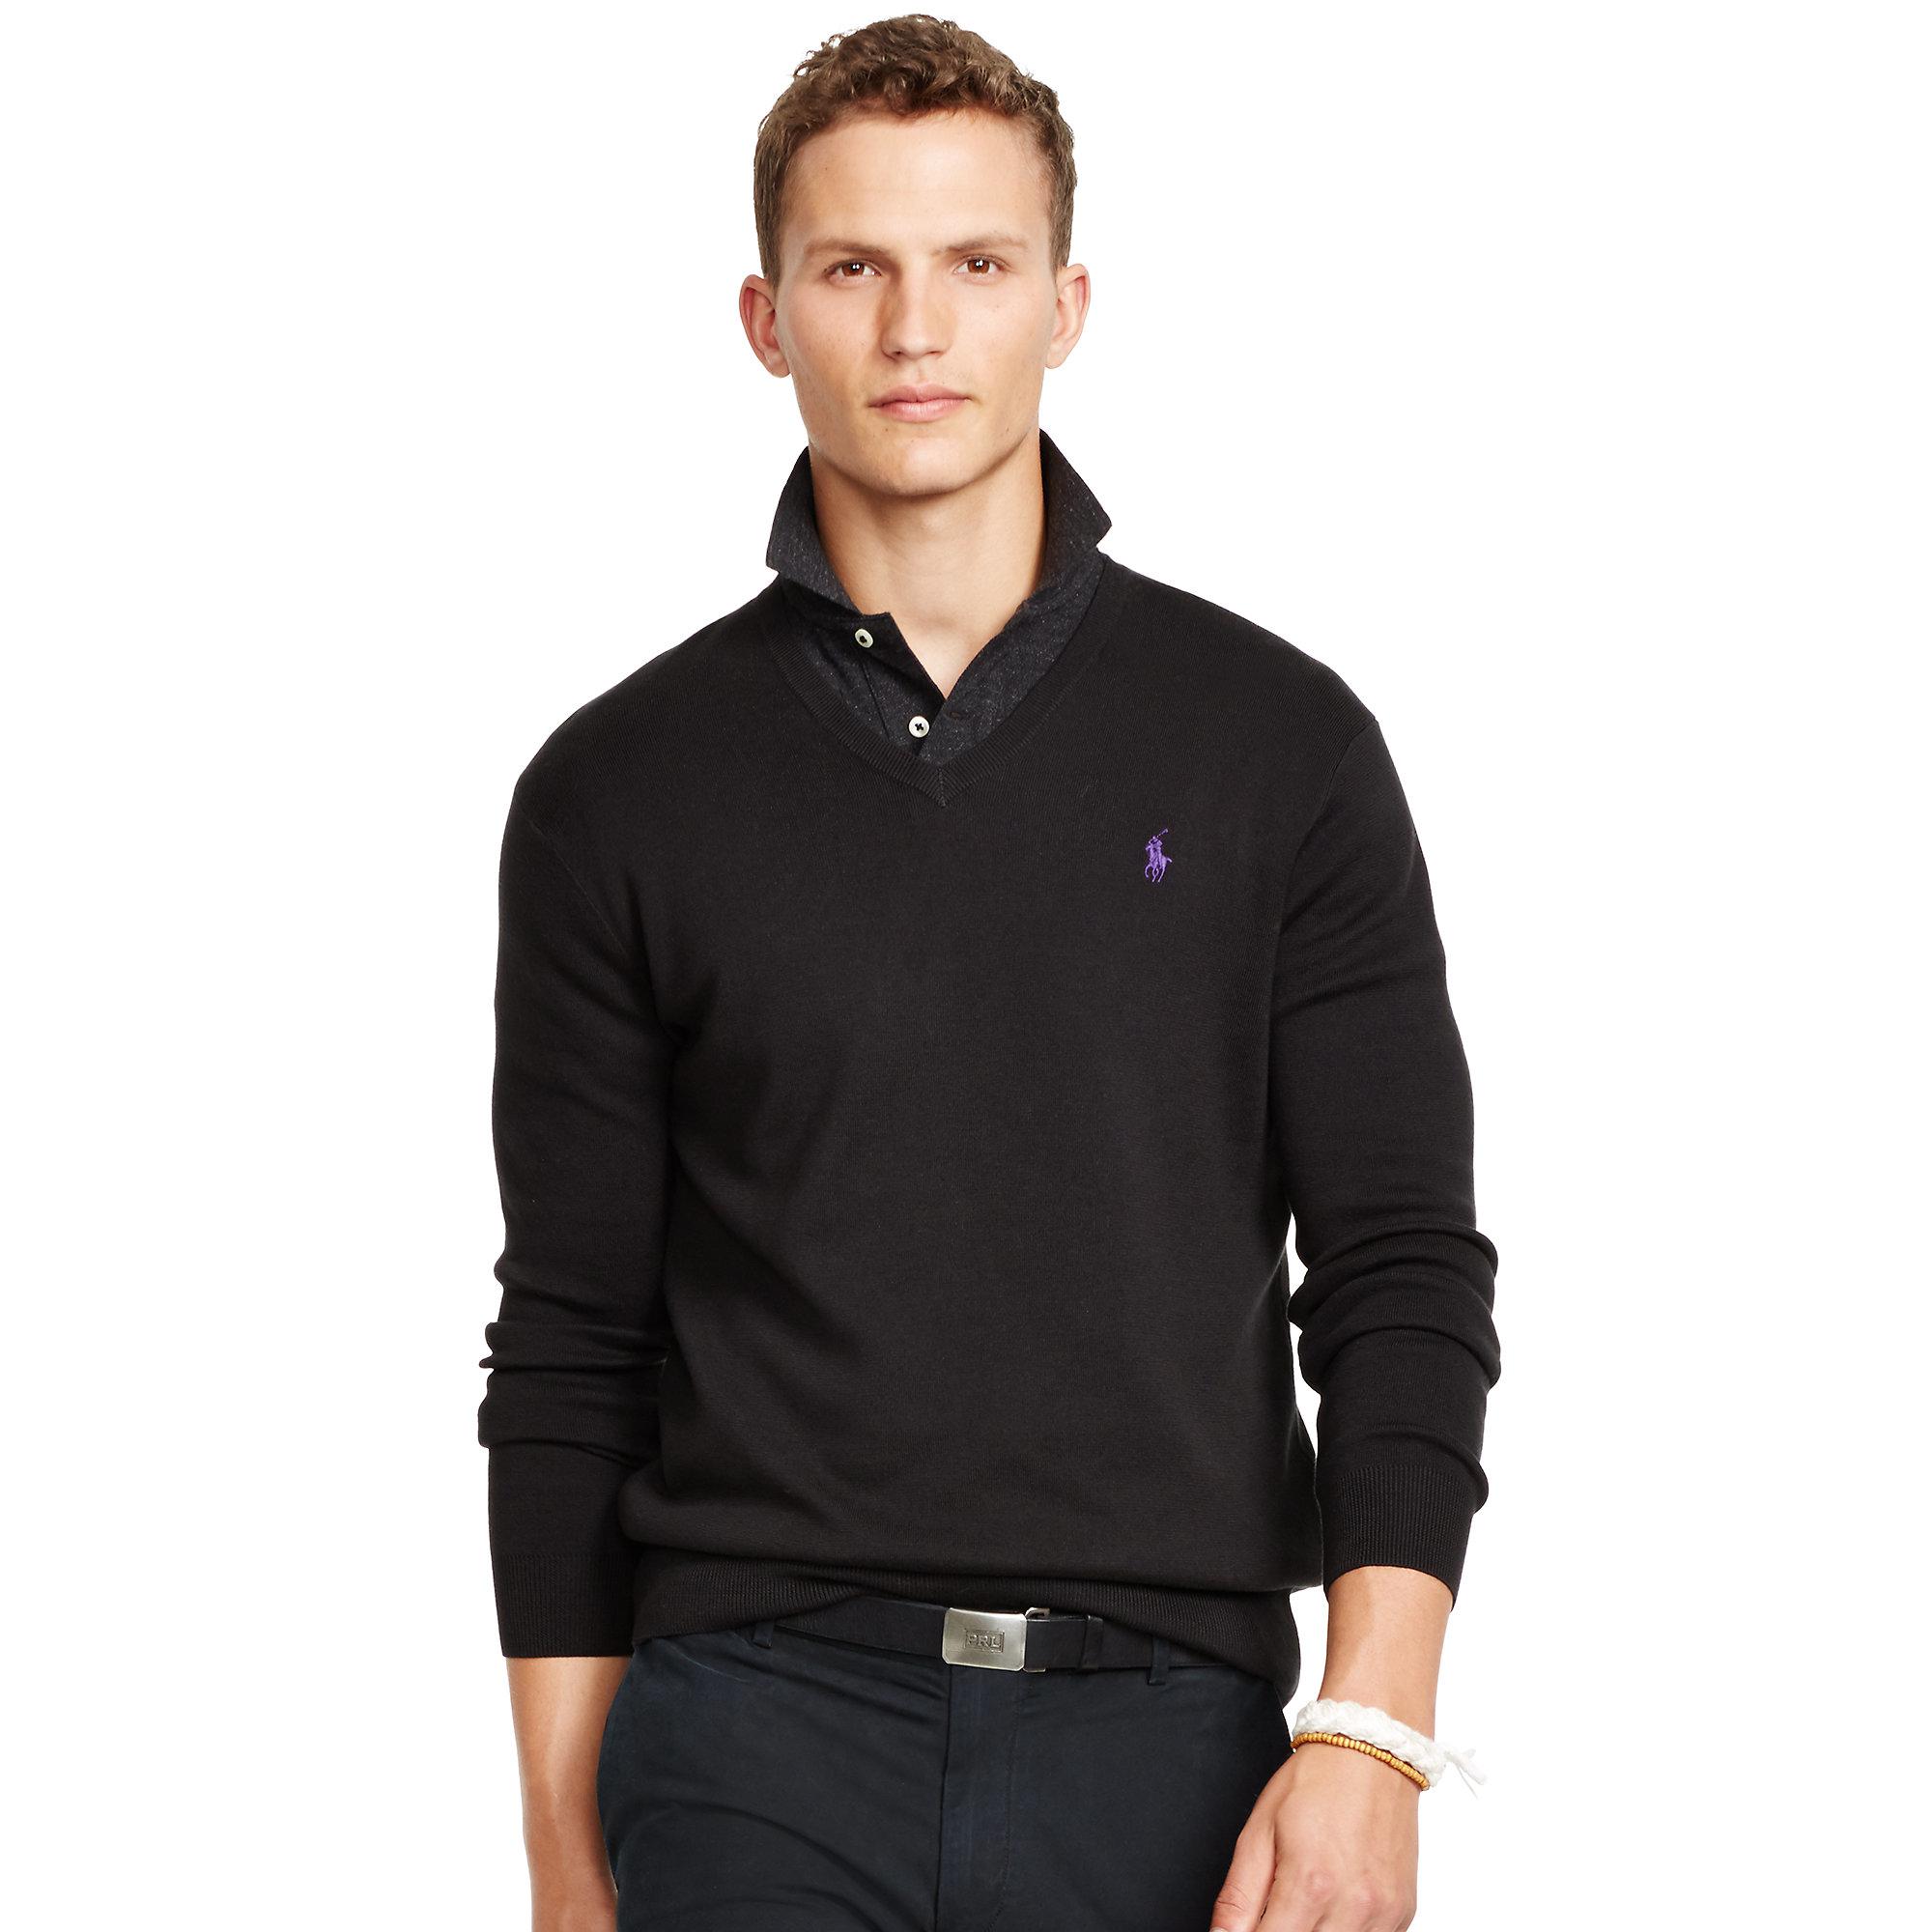 black polo cotton v neck vest sweater male models picture. Black Bedroom Furniture Sets. Home Design Ideas